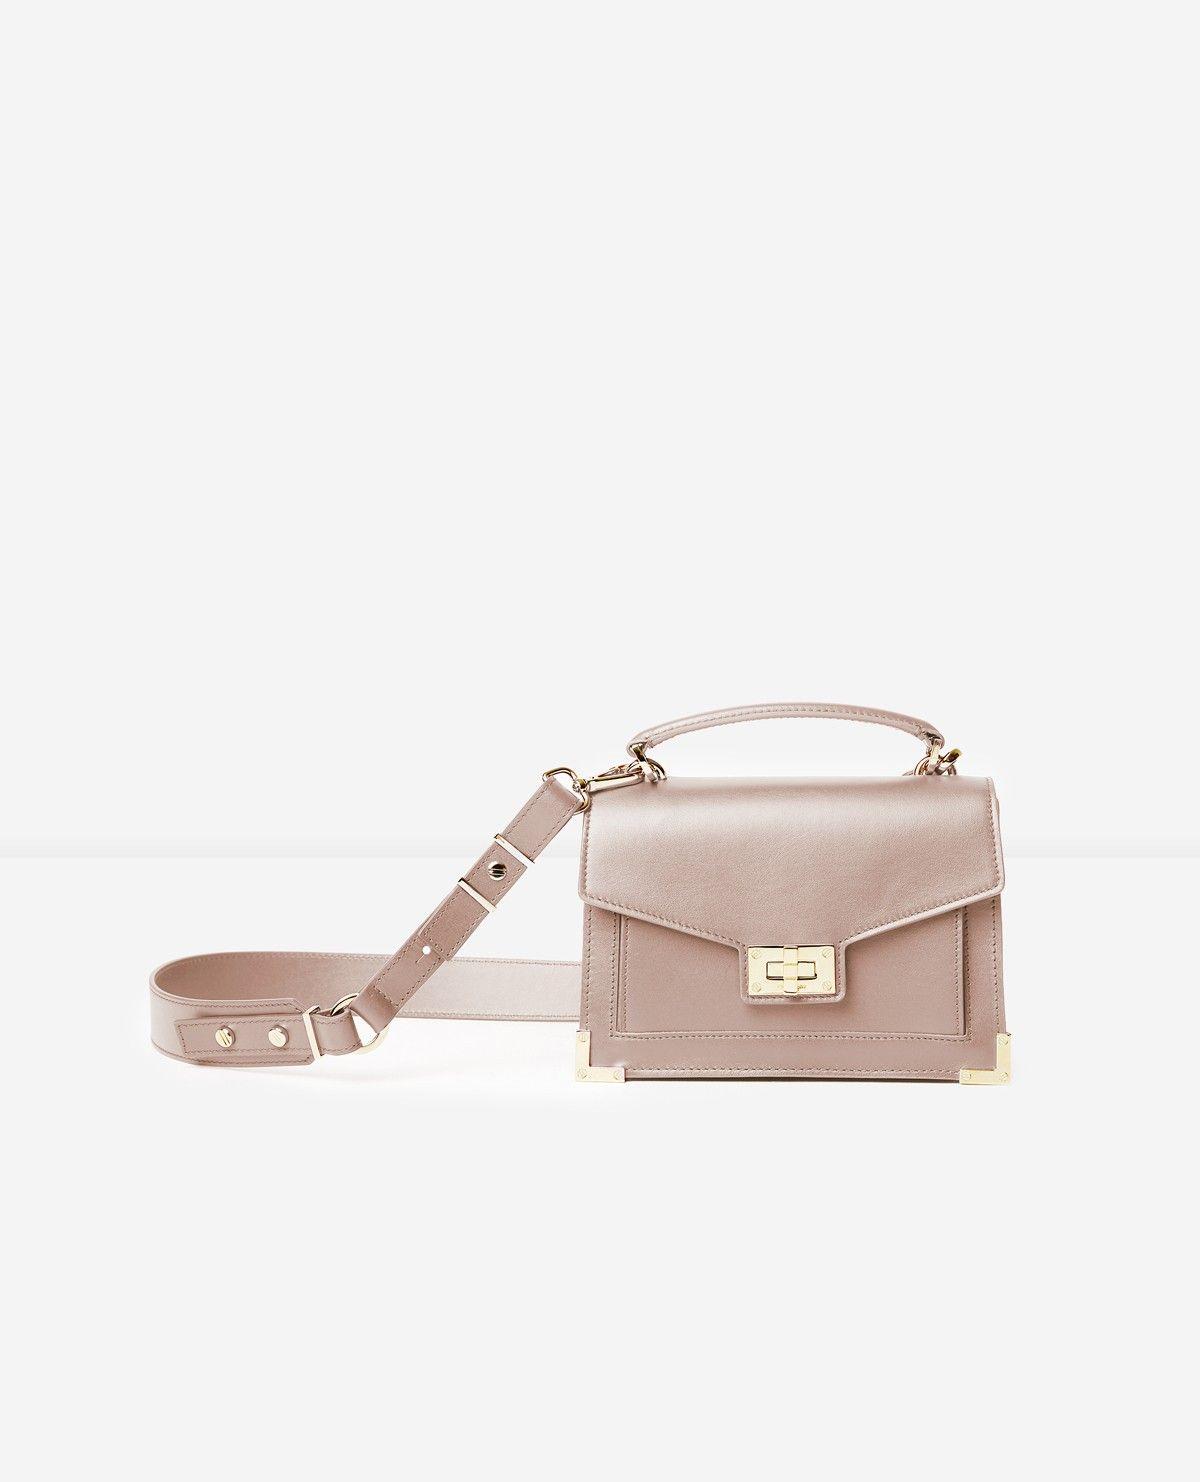 Épinglé sur sacs purses & bags